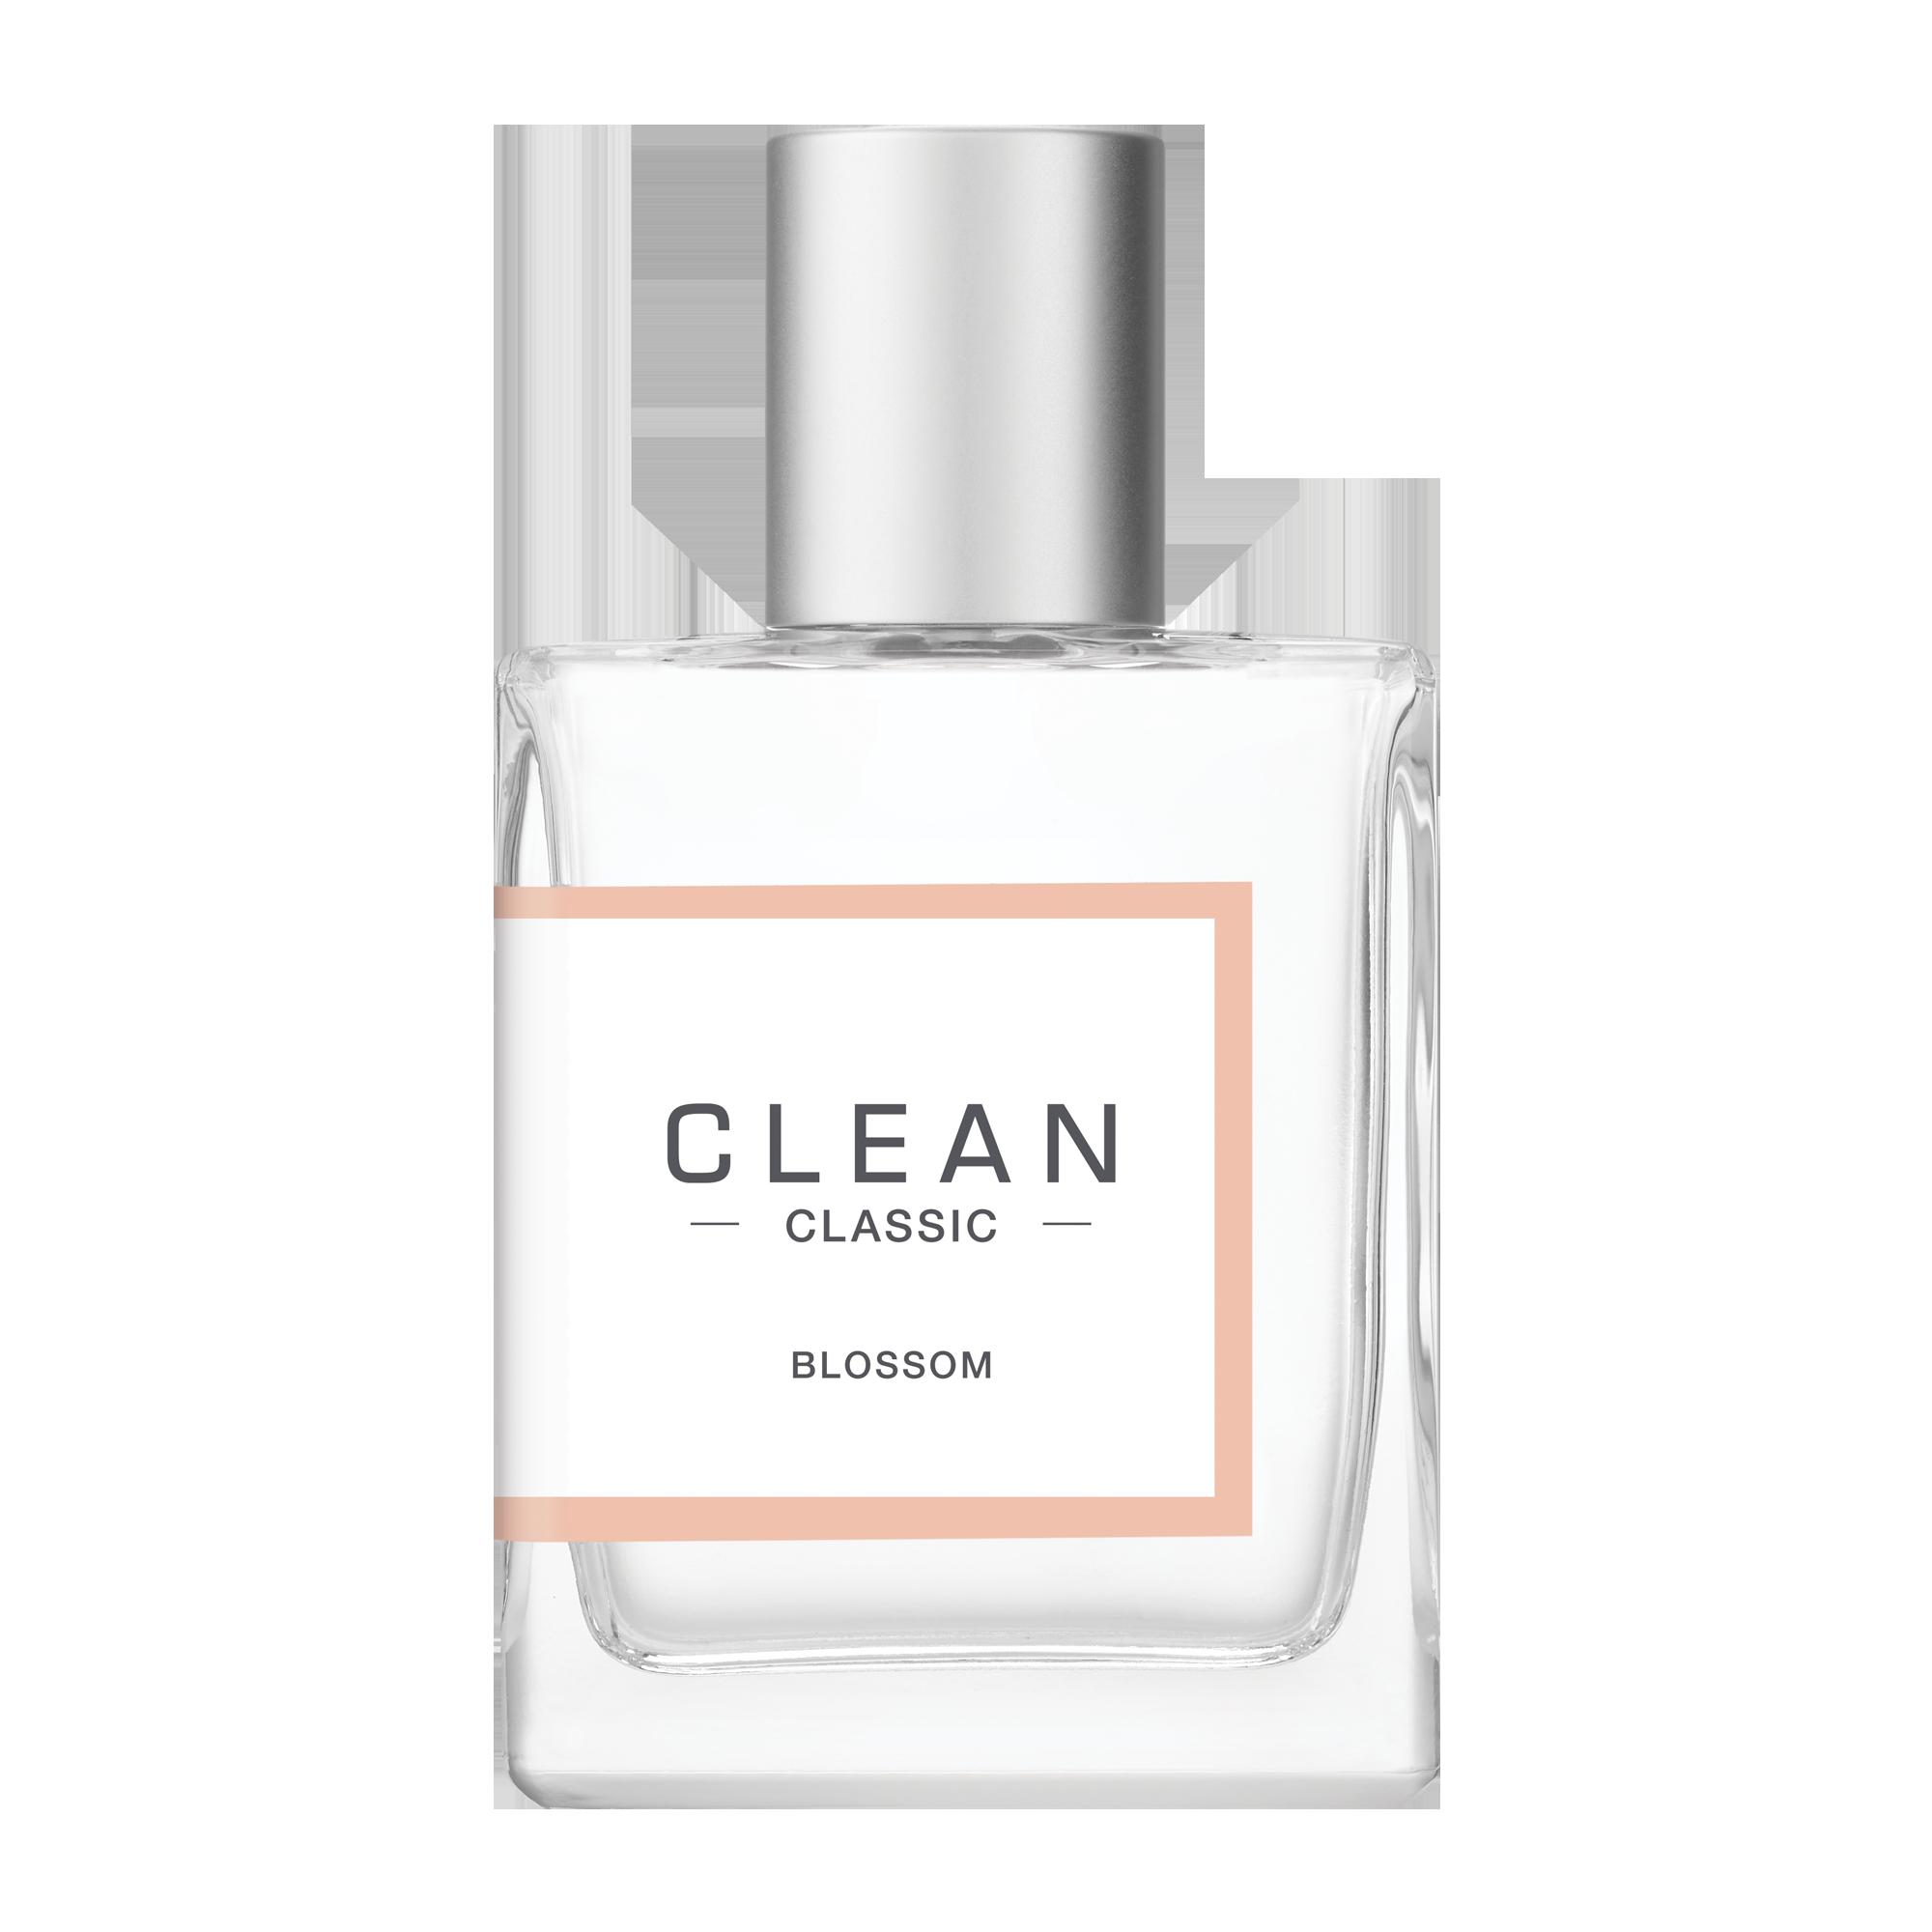 Clean - Blossom EDP 30 ml